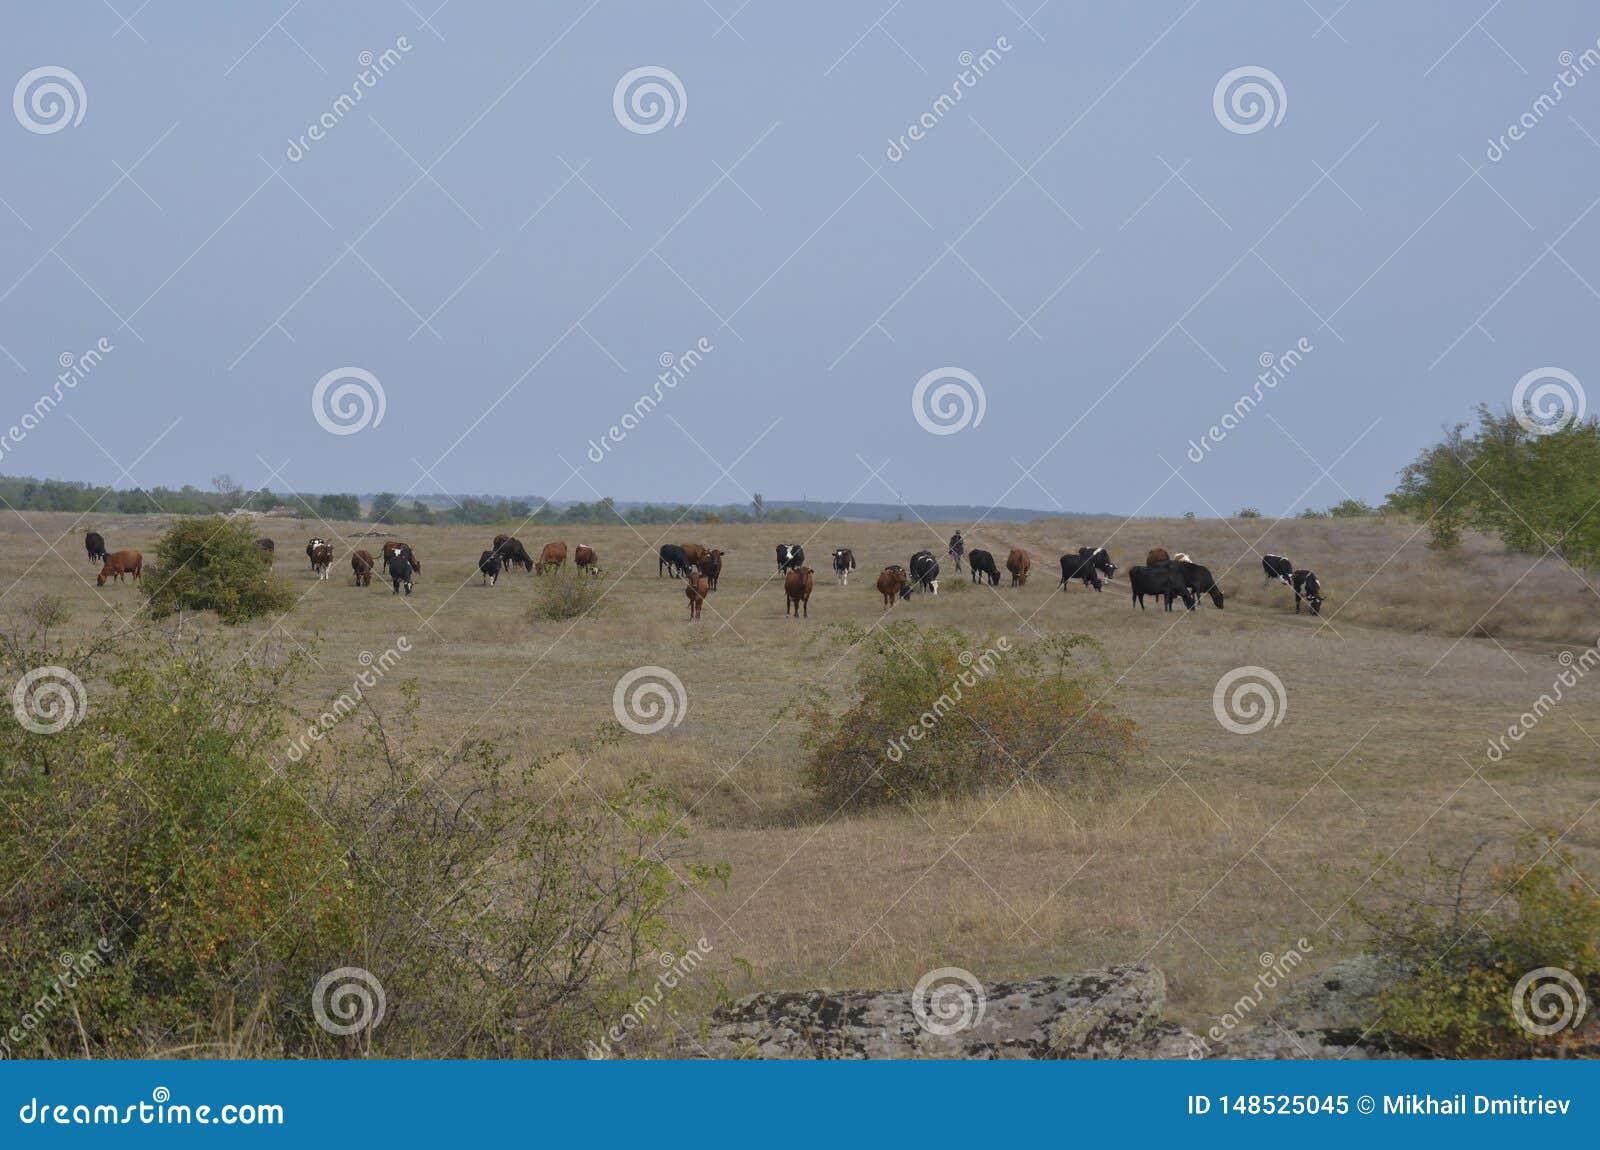 牧羊人带领母牛牧群横跨一个晴朗的乌克兰领域的